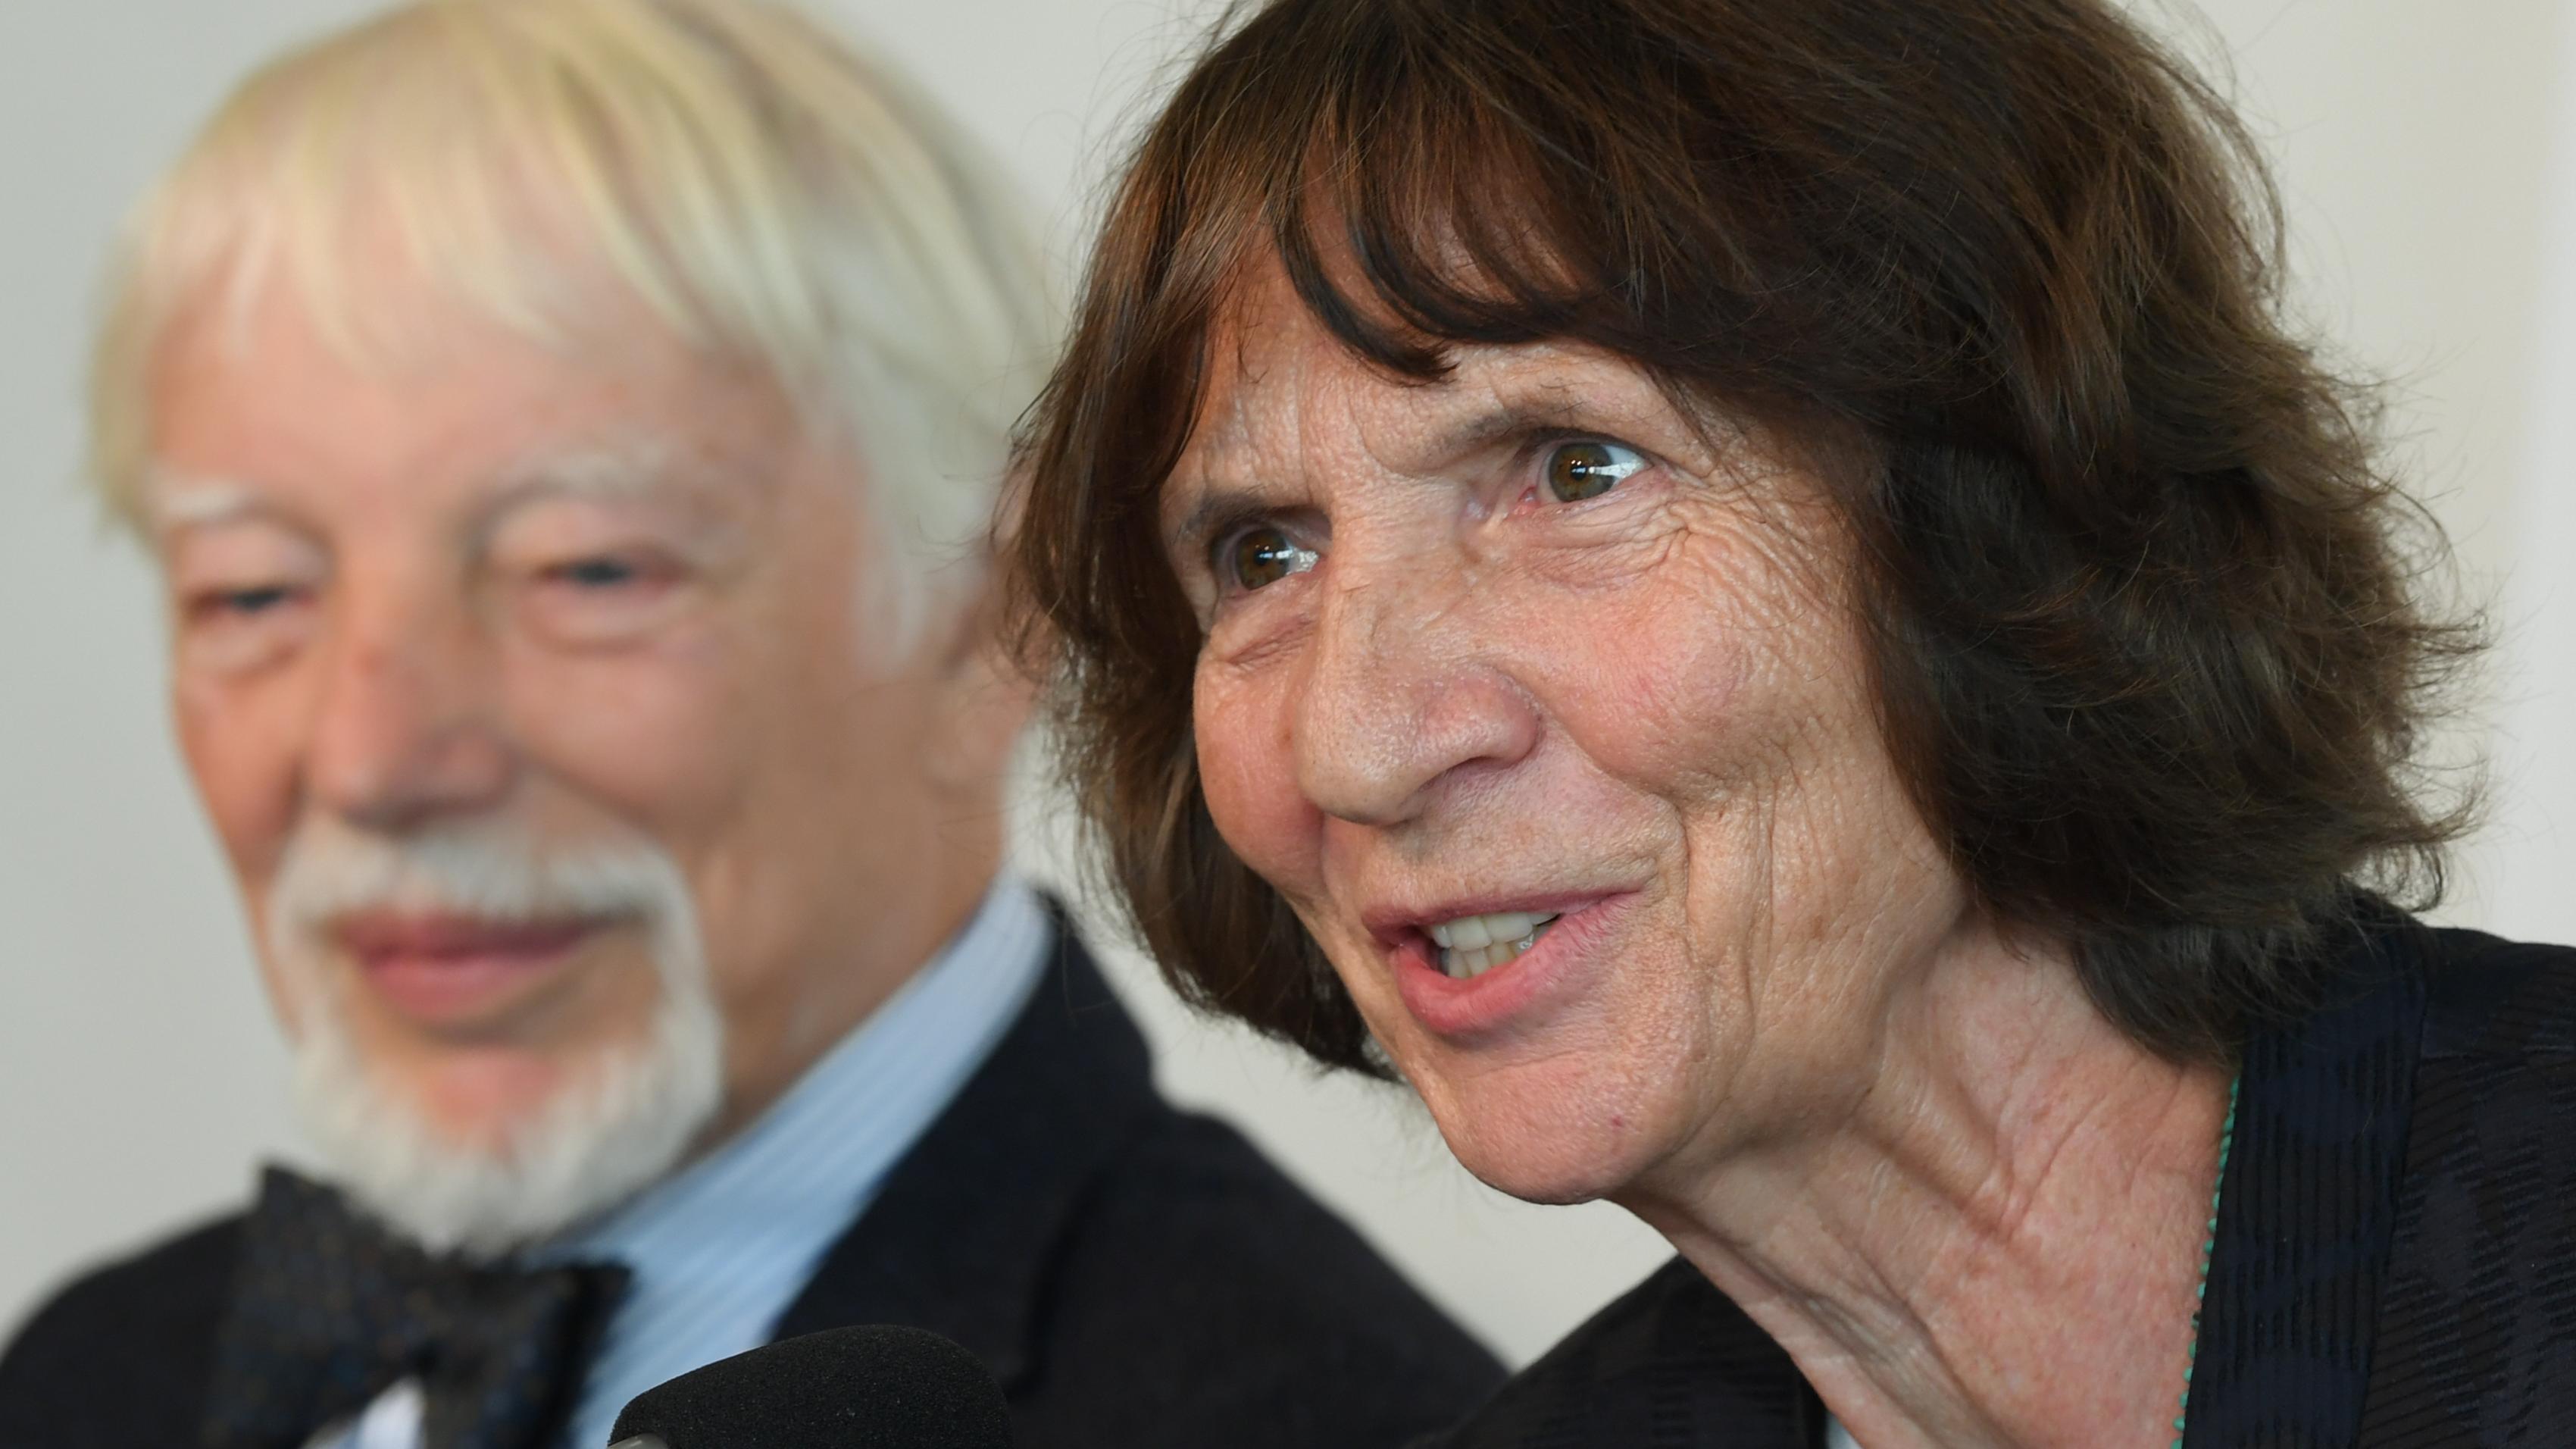 Aleida Assmann, Literatur- und Kulturwissenschaftlerin, spricht auf der Frankfurter Buchmesse während einer Pressekonferenz neben ihrem Ehemann Jan Assmann, Ägyptologe und Kulturwissenschaftler.